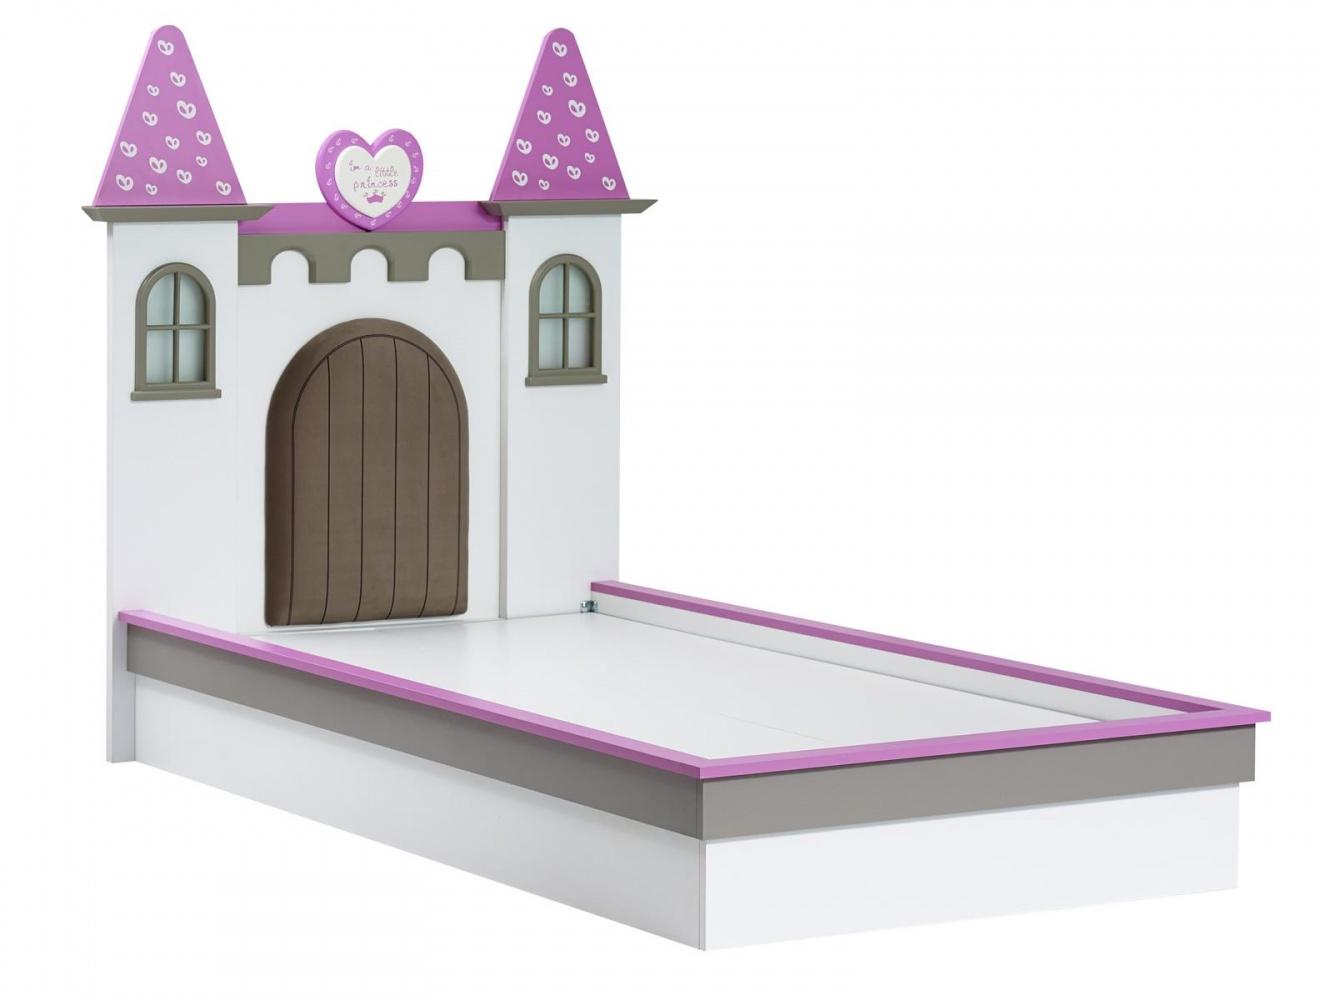 Almila Mädchen Kinderbett Prinzessin Arce 100x200